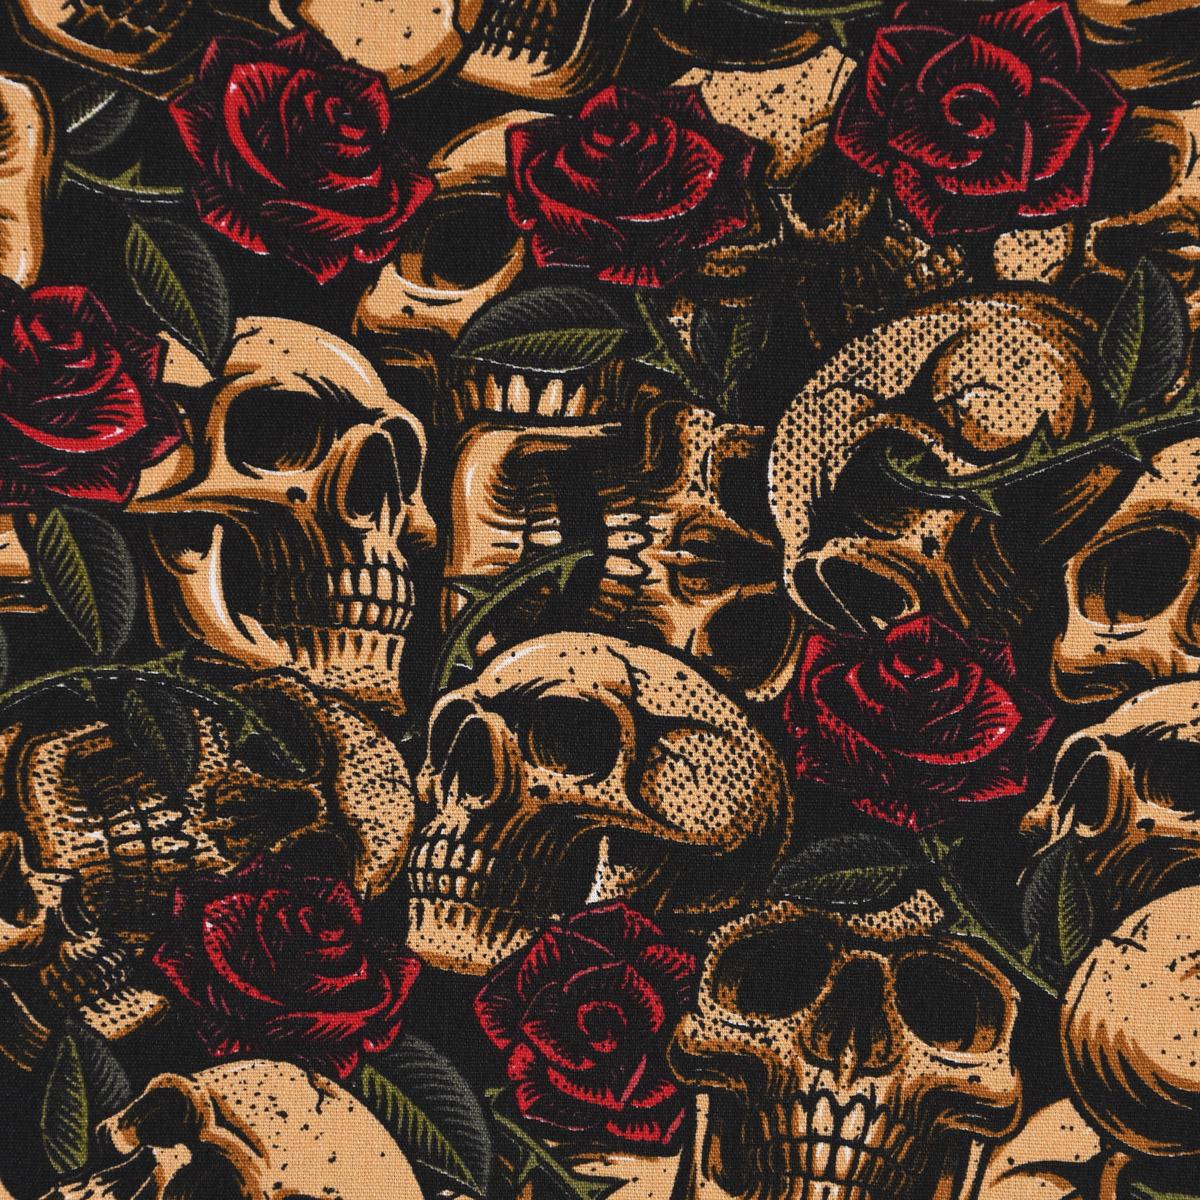 Baumwollstoff Popeline Totenkopf Rosen schwarz braun rot grün 1,50m Breite